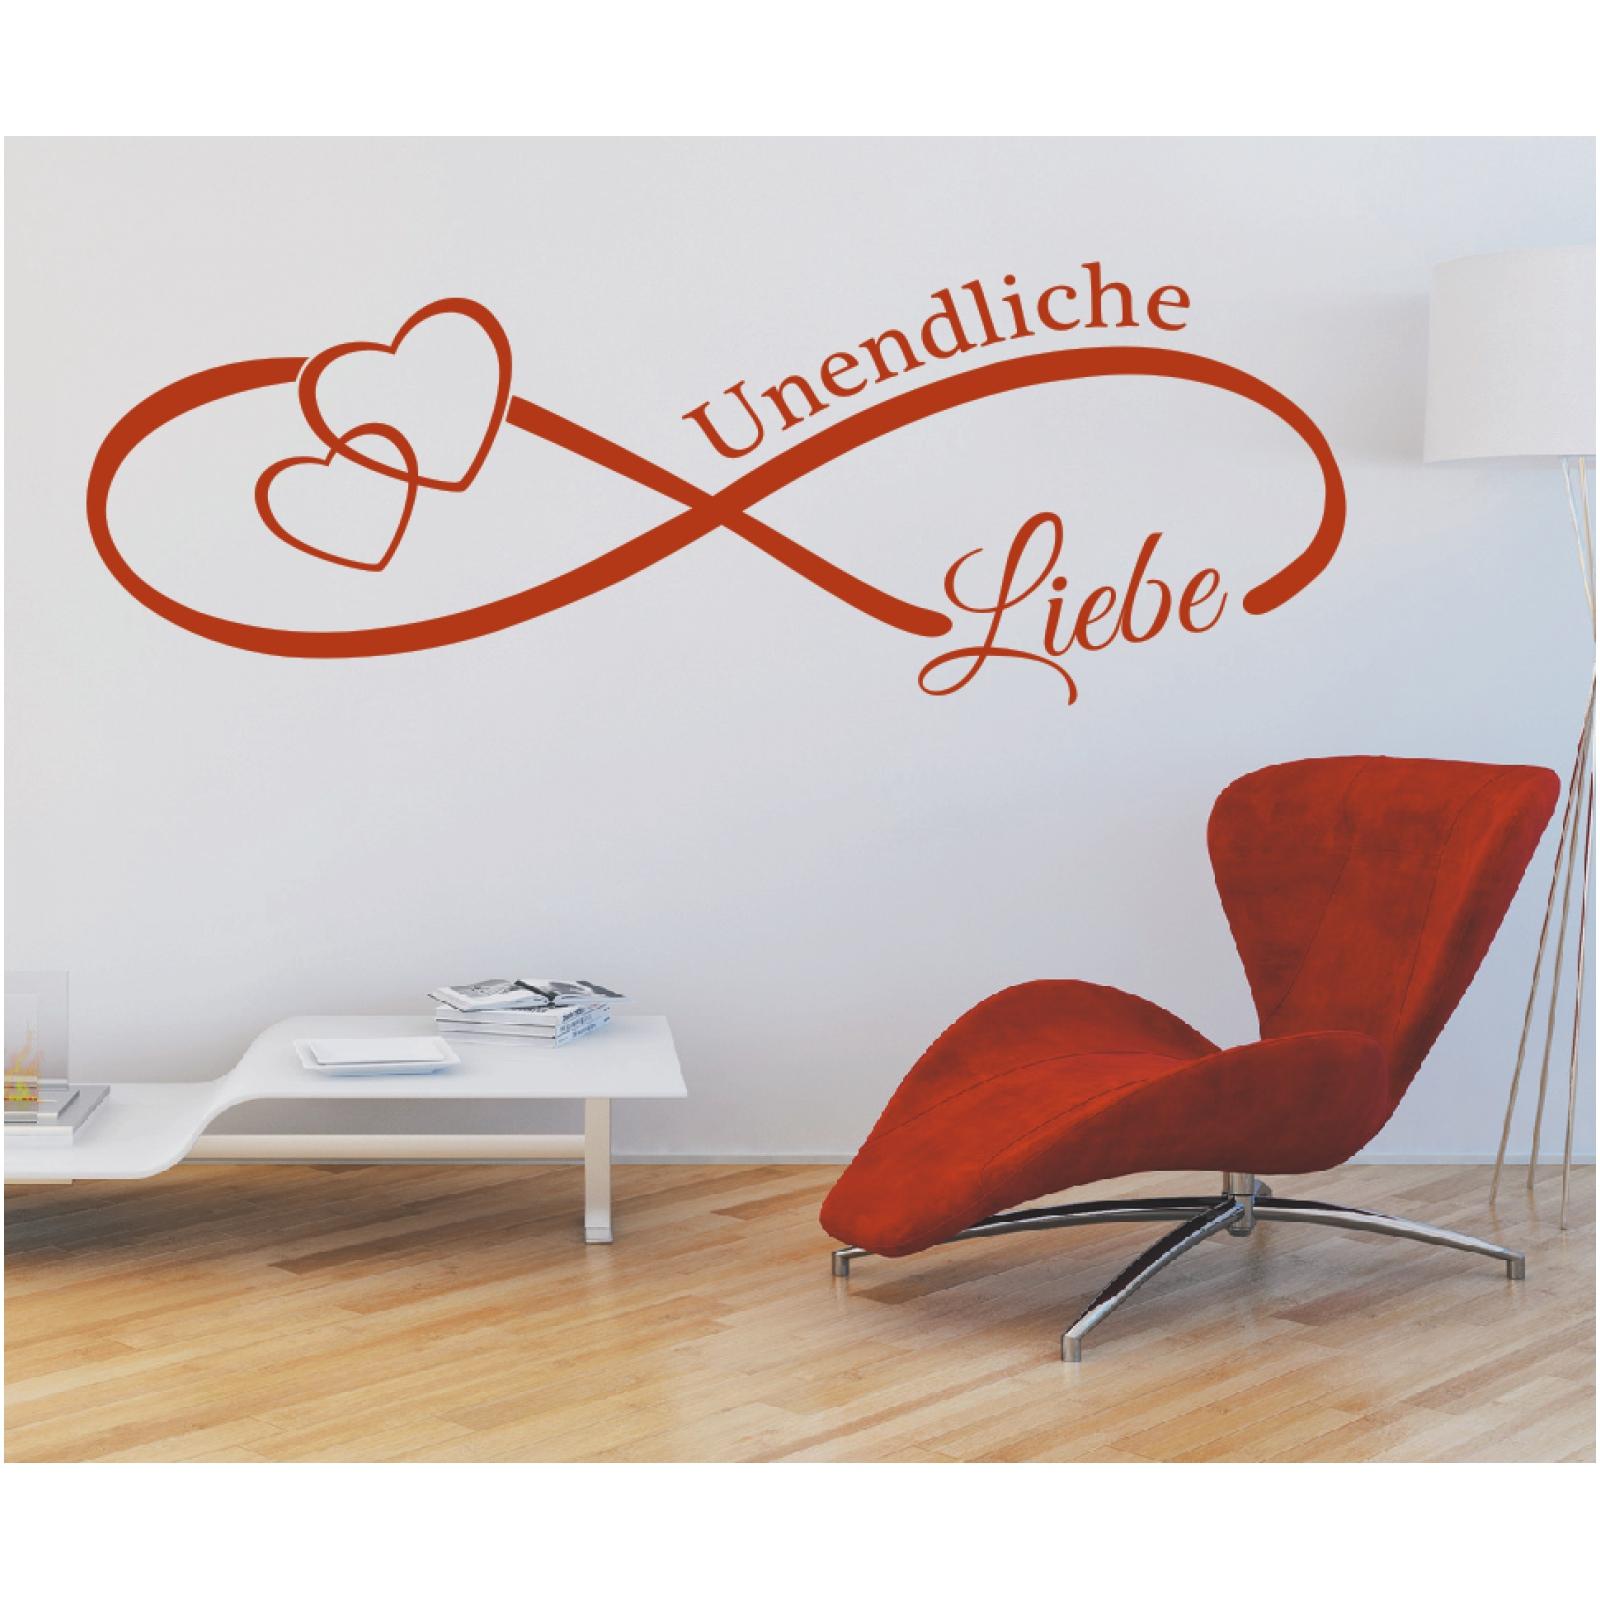 Dekoration Wandtattoo Spruch Unendlichzeichen Liebe Love Unendlich Hochzeit Wandaufkleber Mobel Wohnen Elin Pens Ac Id